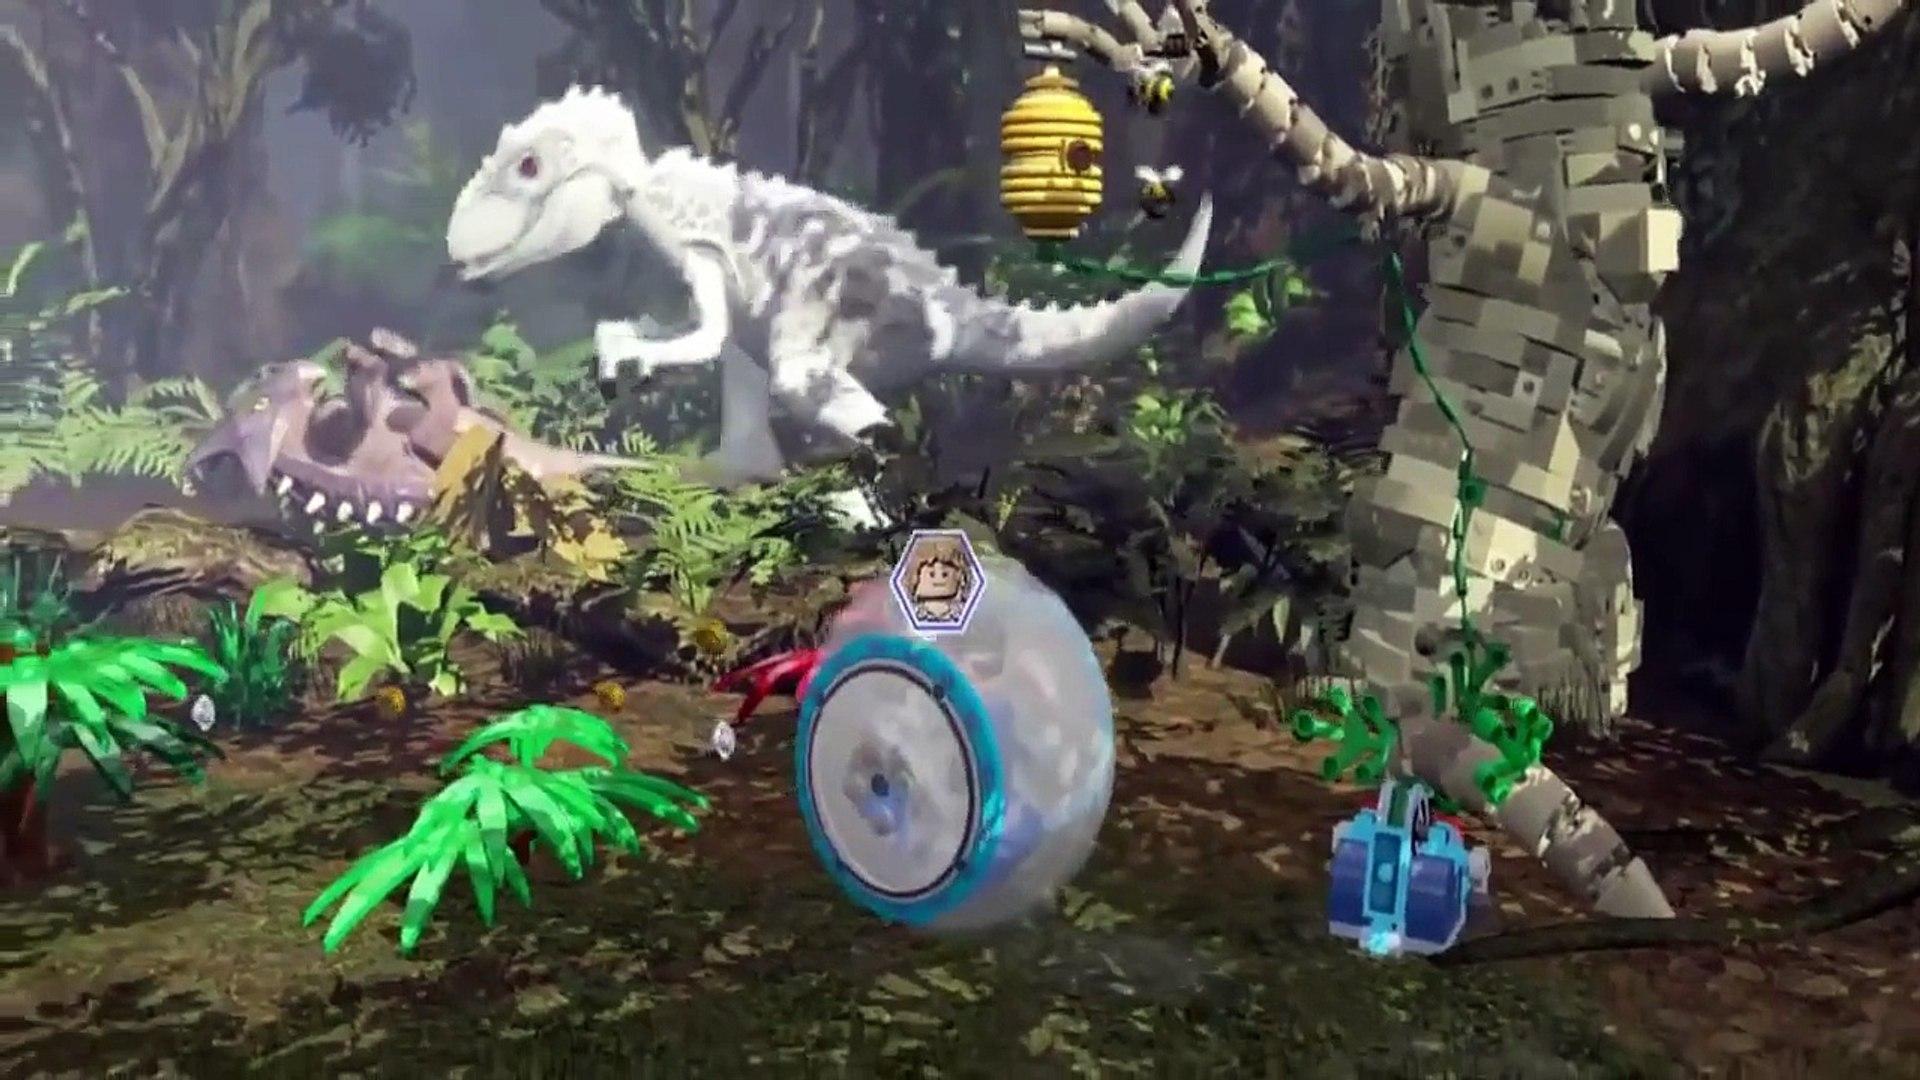 Jurassic World - Jurassic Park LEGO Dinosaur For Kids and Children (Game Moives)